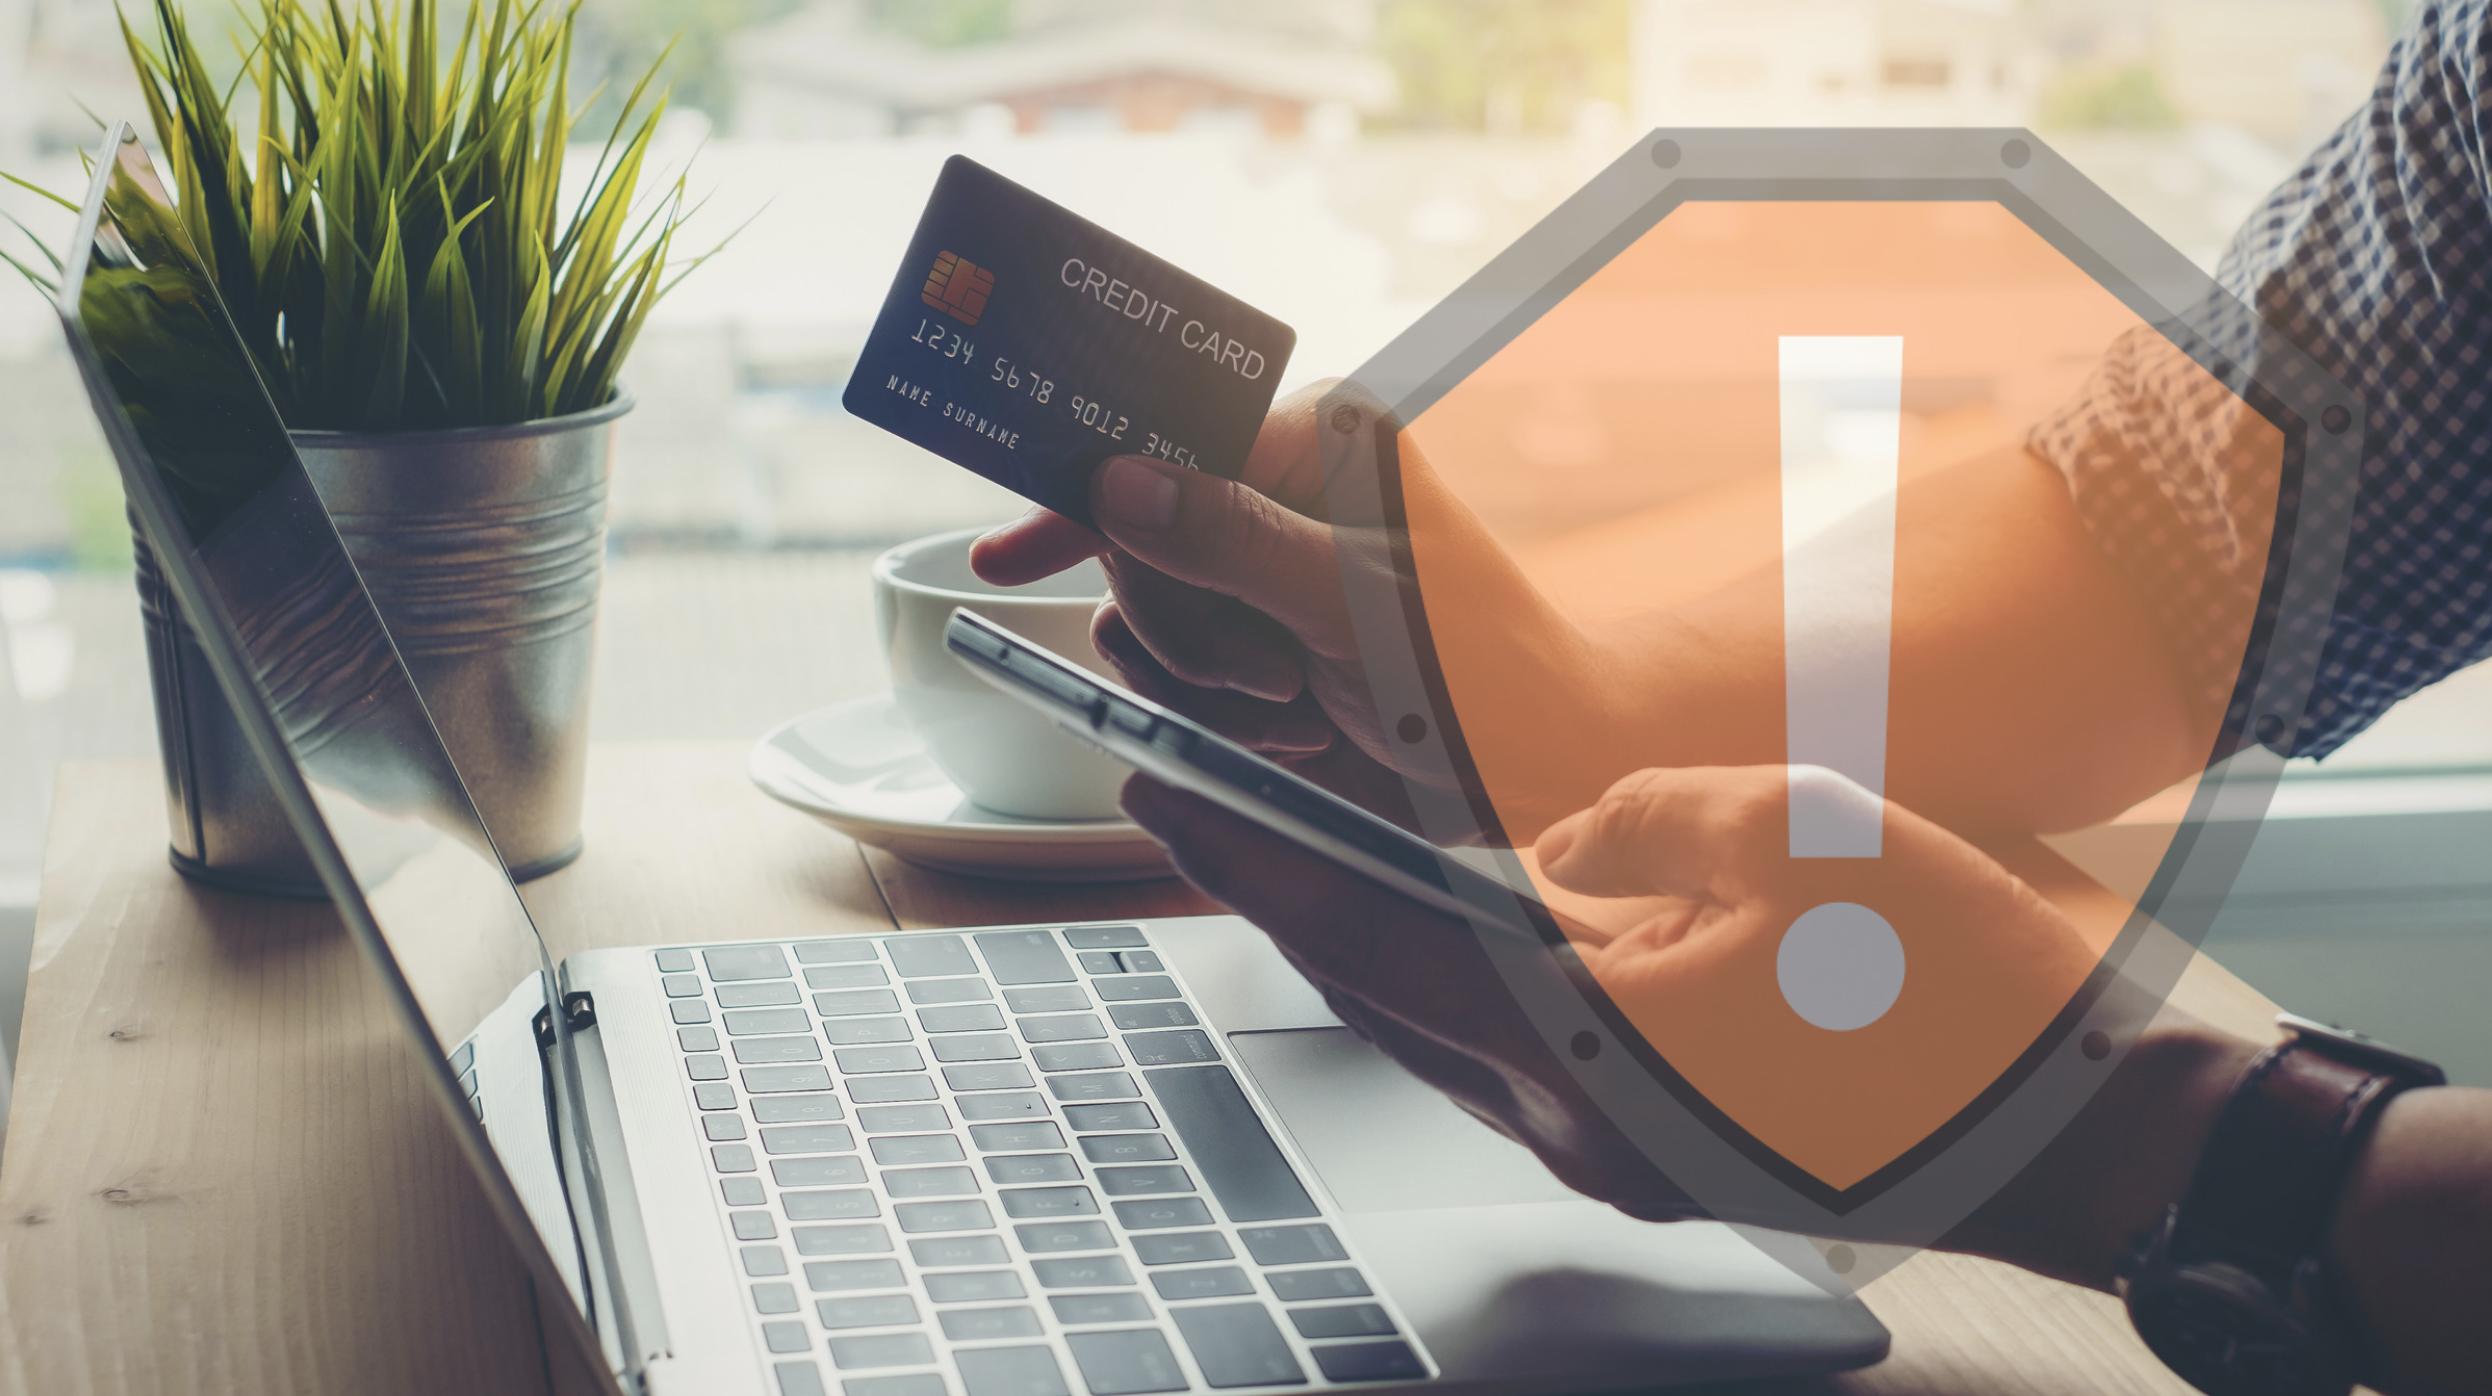 """Sprawdź, zanim opłacisz! Uwaga na fałszywe e-faktury od """"Orange"""""""